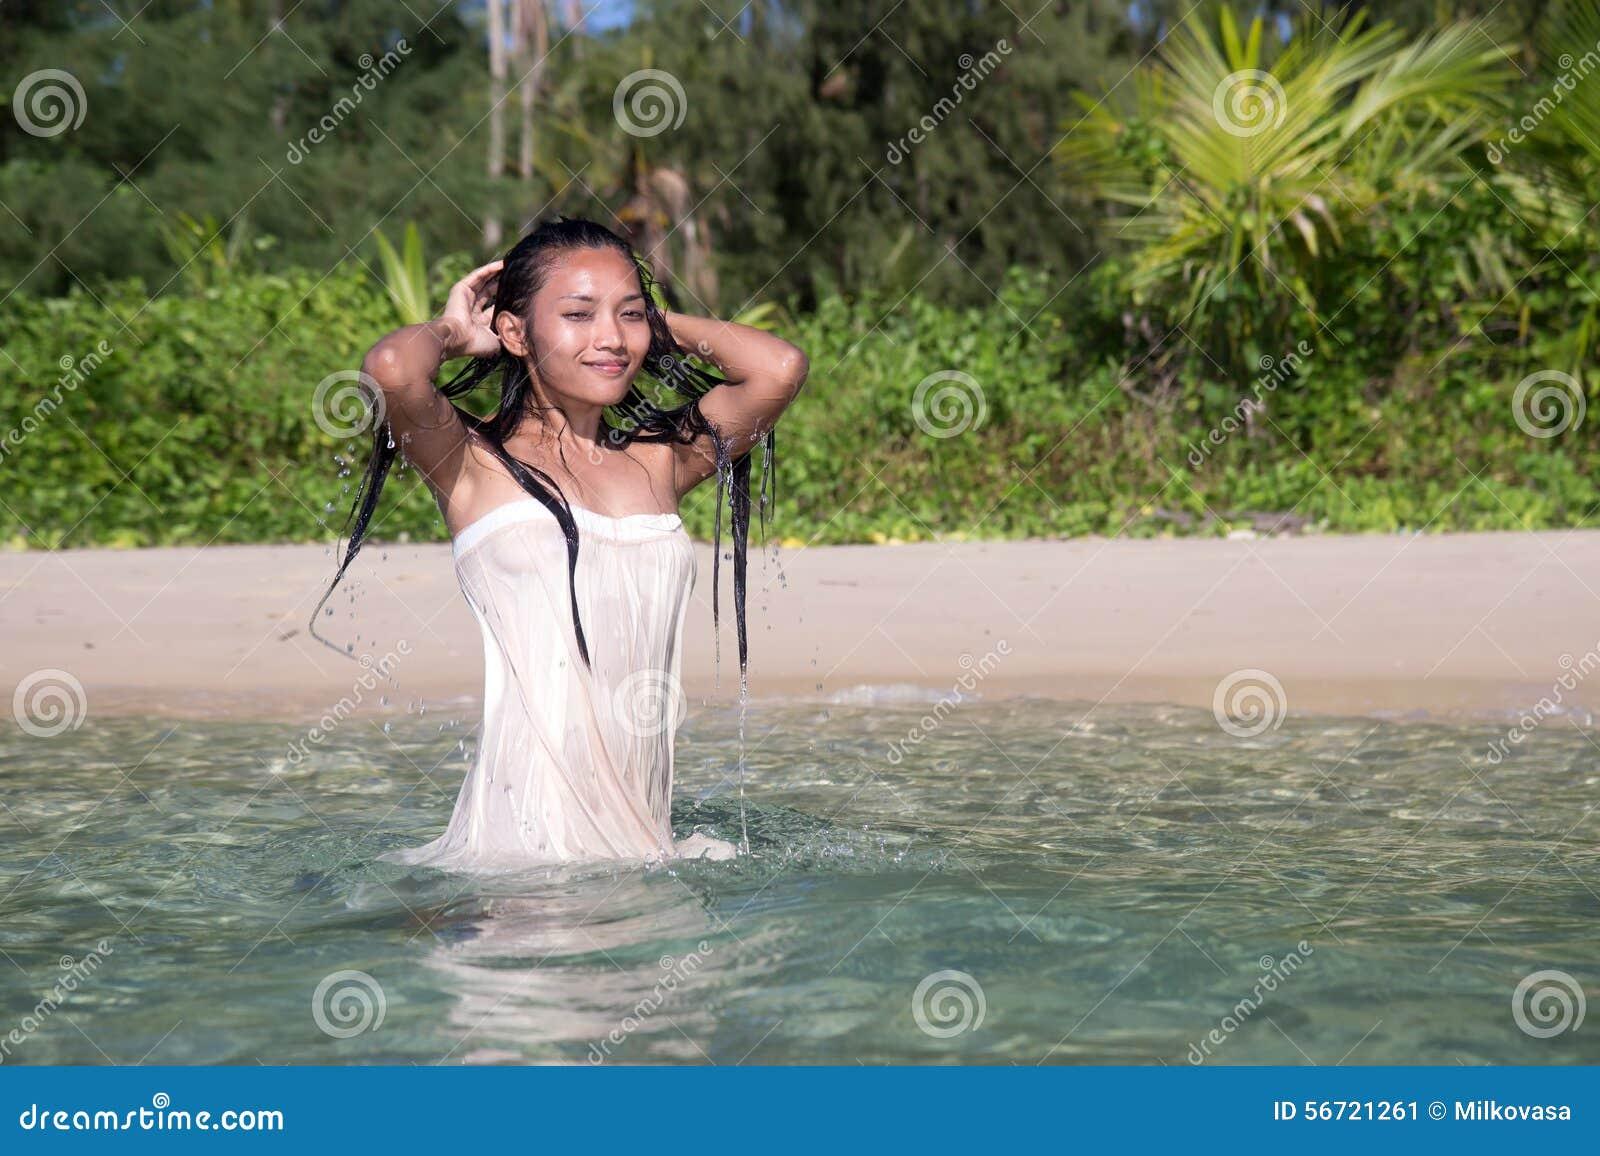 Wet asian women